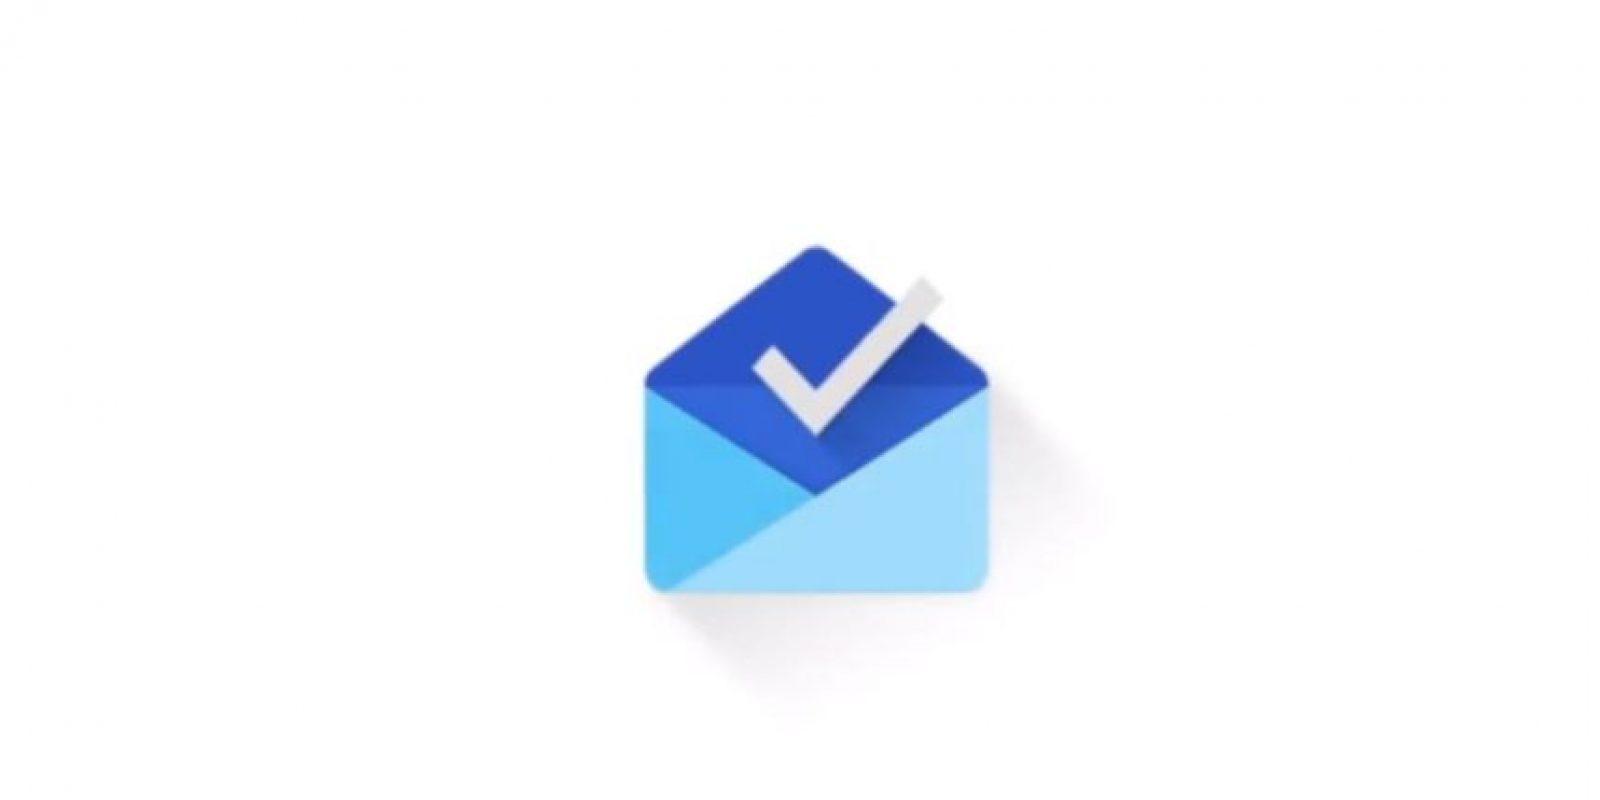 Les presentamos cinco trucos de Gmail para mejorar el rendimiento Foto:Google